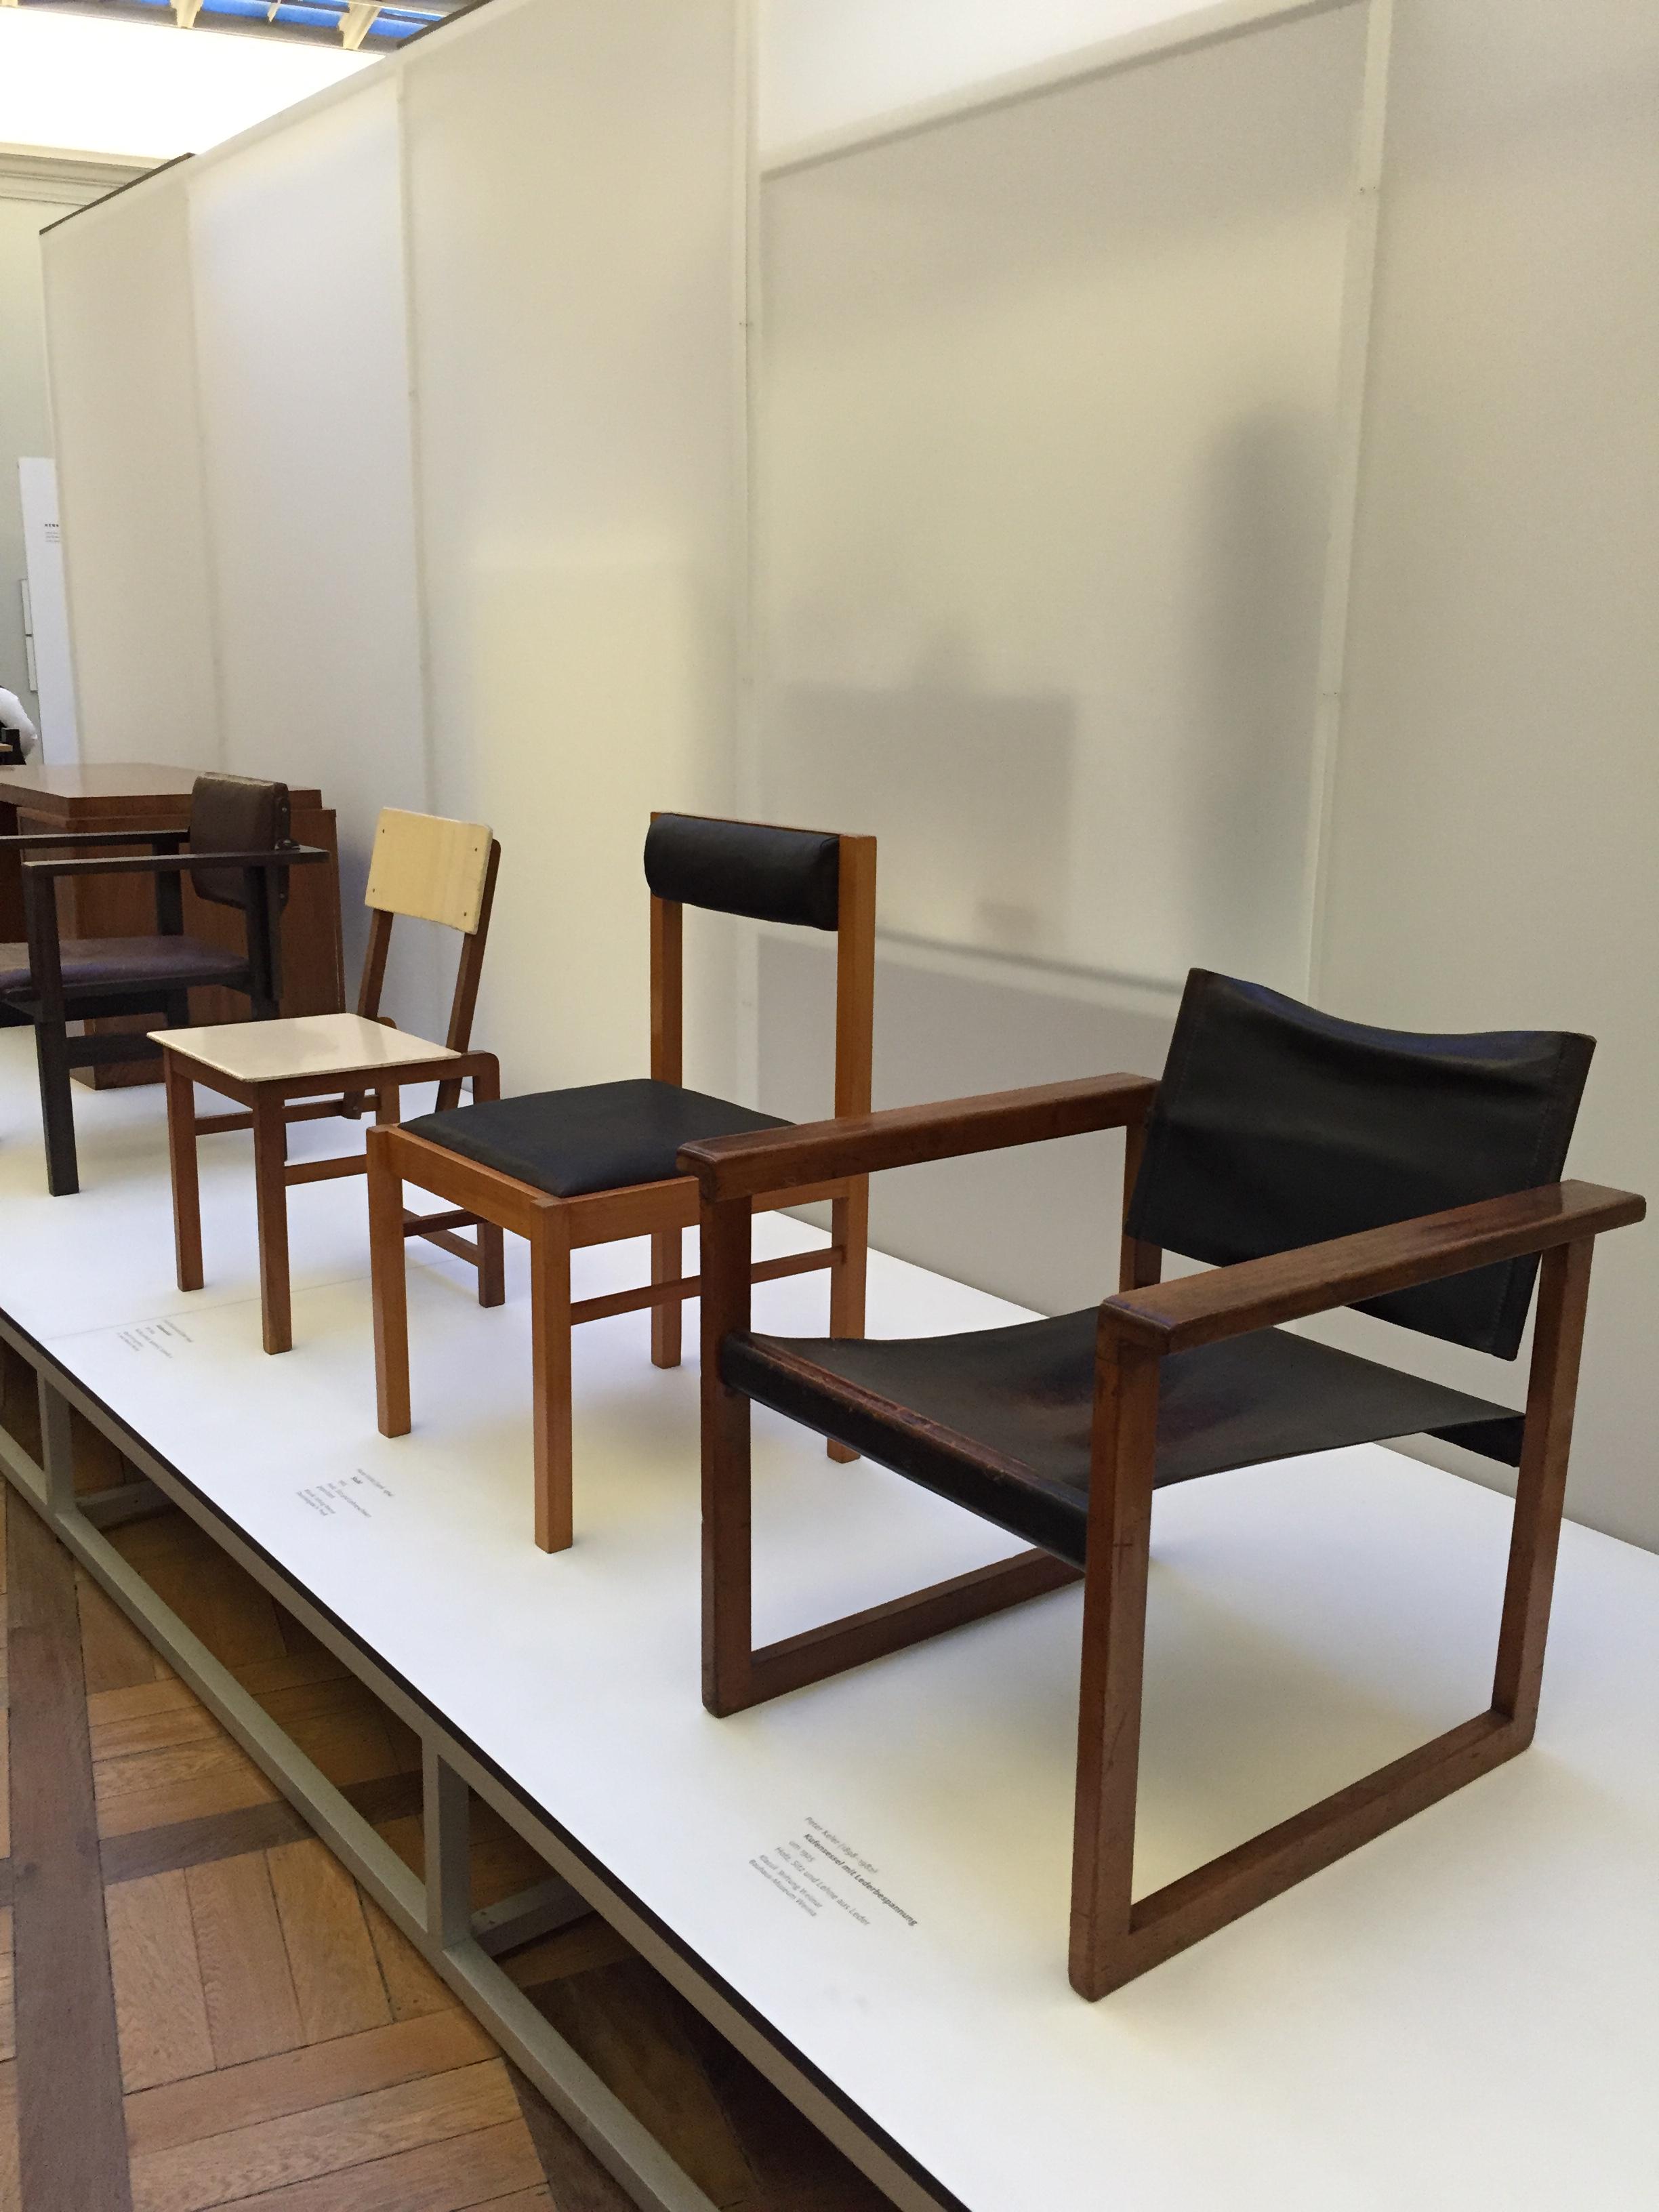 Bauhaus Furniture Nesting Tables Josef Albers Entwurf